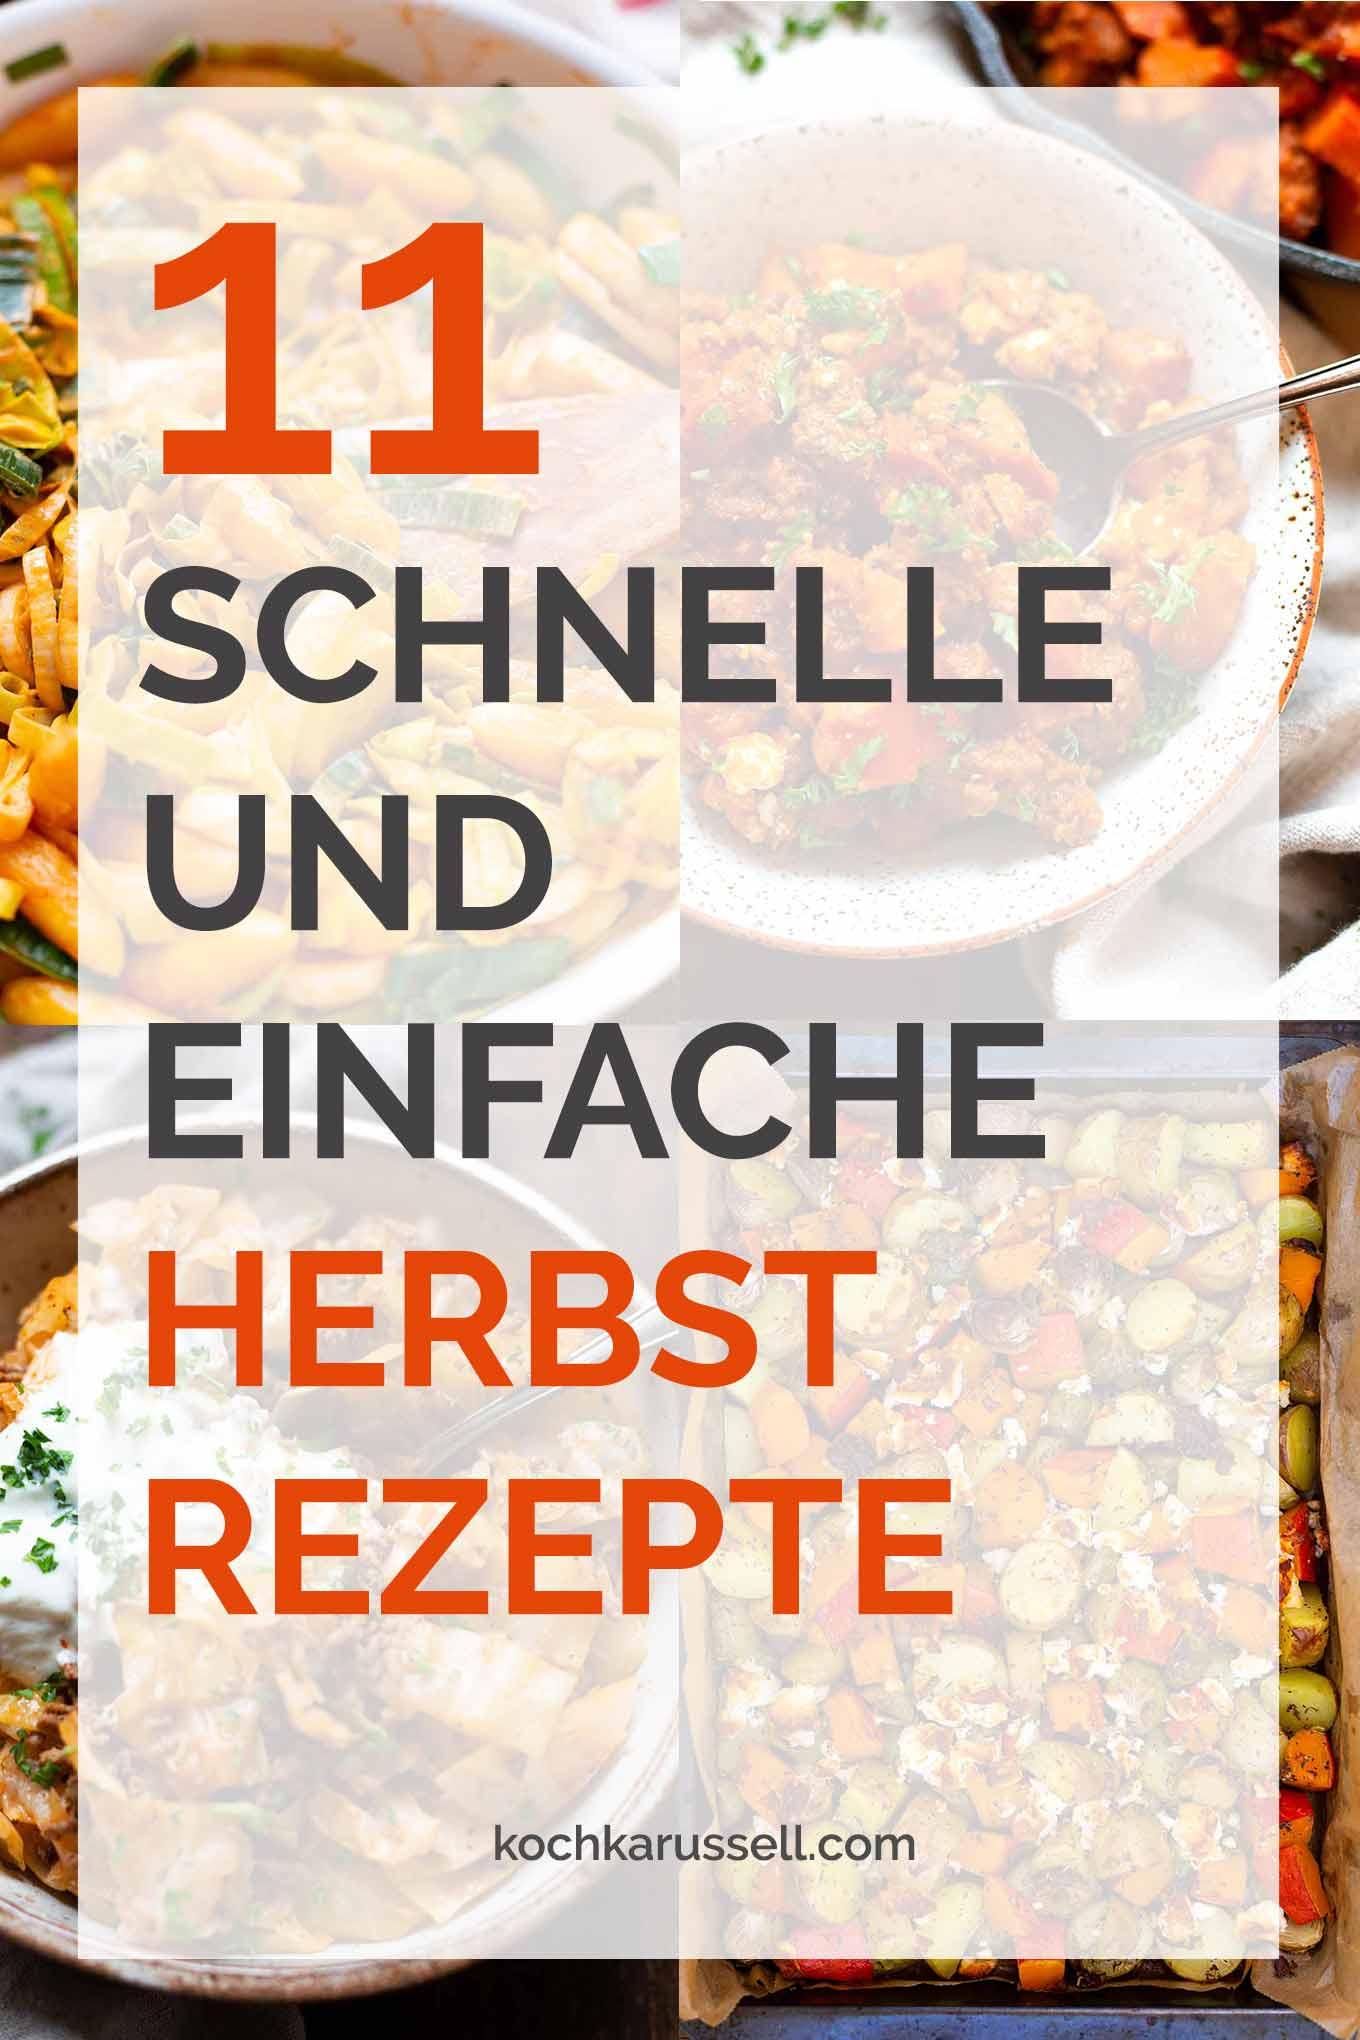 11 schnelle und einfache Herbst-Rezepte. Diese Rezepte sind allesamt deftig, super einfach, vegetarisch und mit Fleisch. Die müsst ihr probieren! - Kochkarussell.com #herbstrezepte #kürbisrezept #feierabendküche #kochkarussell